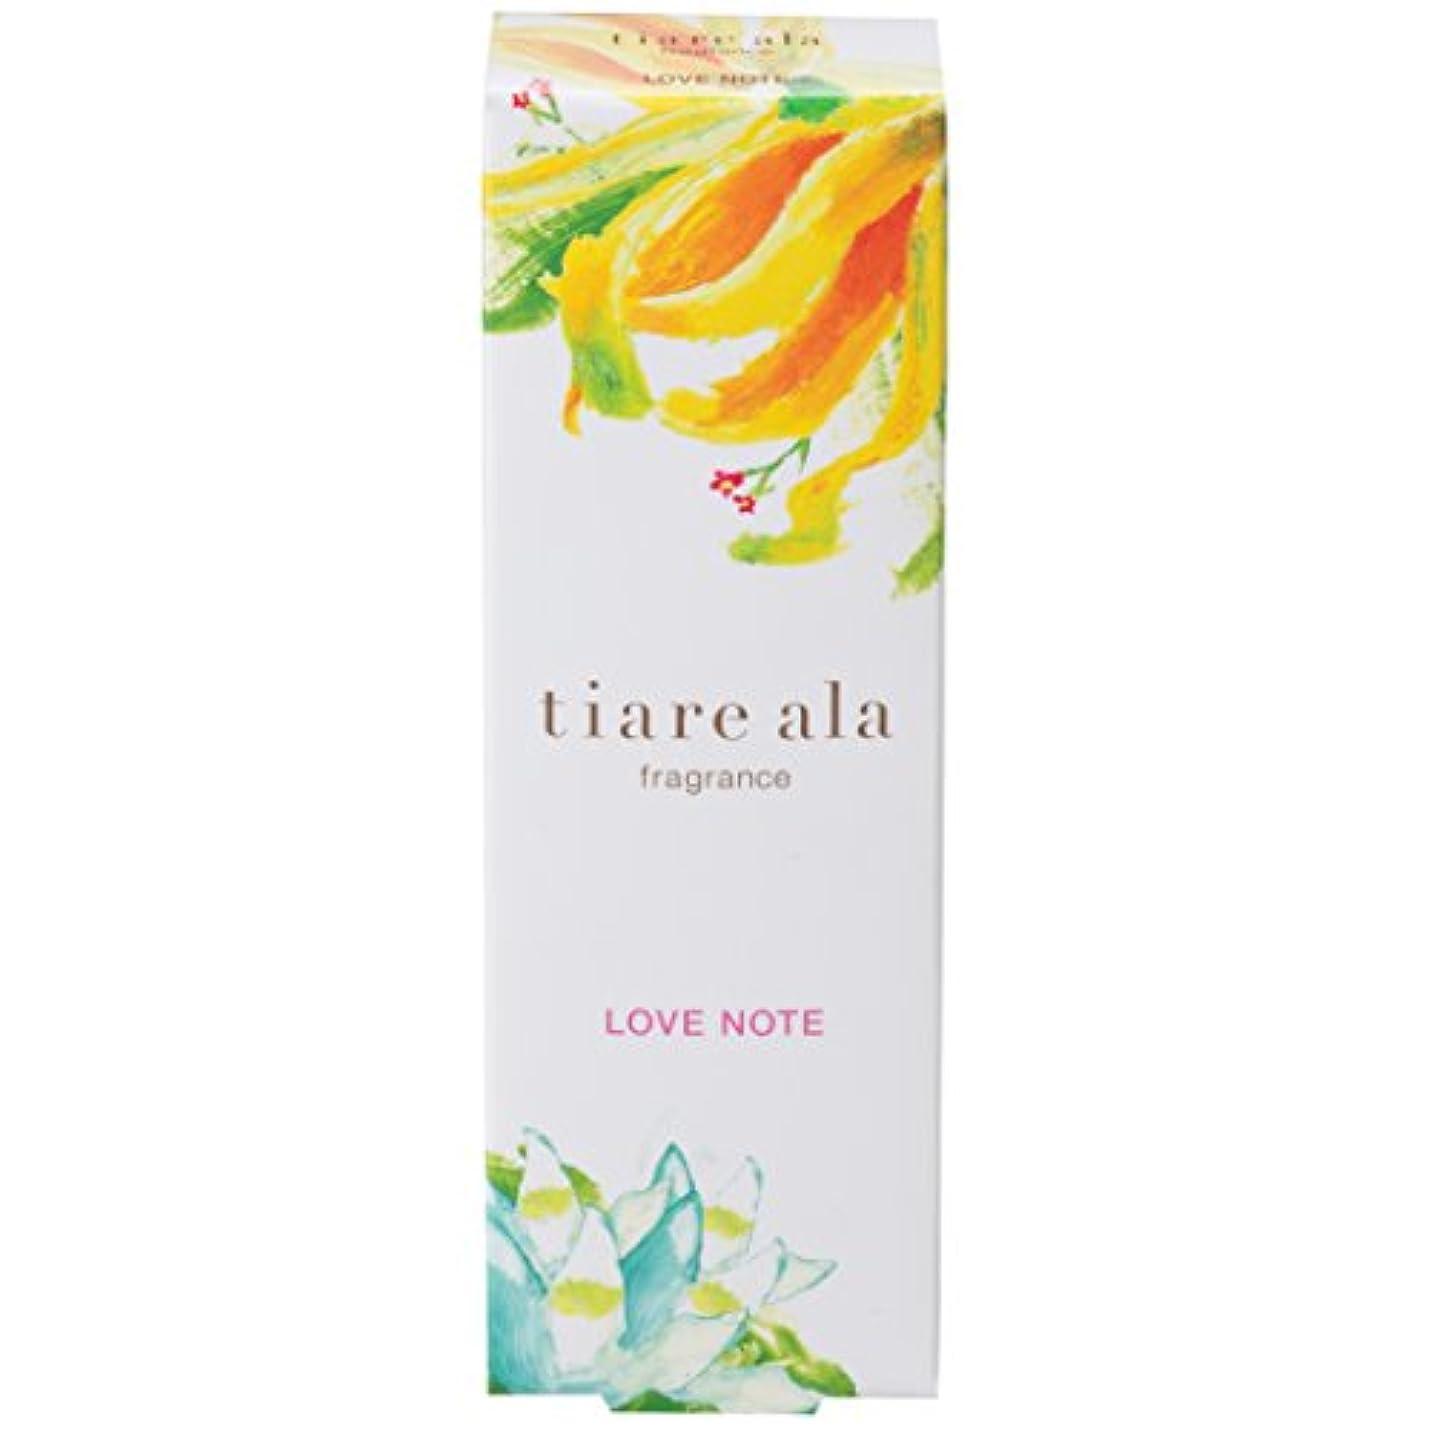 放棄された基礎定期的にティアレアーラ フレグランス ラブノート 〈ネロリ & イランイランの香り〉 (14.5mL)